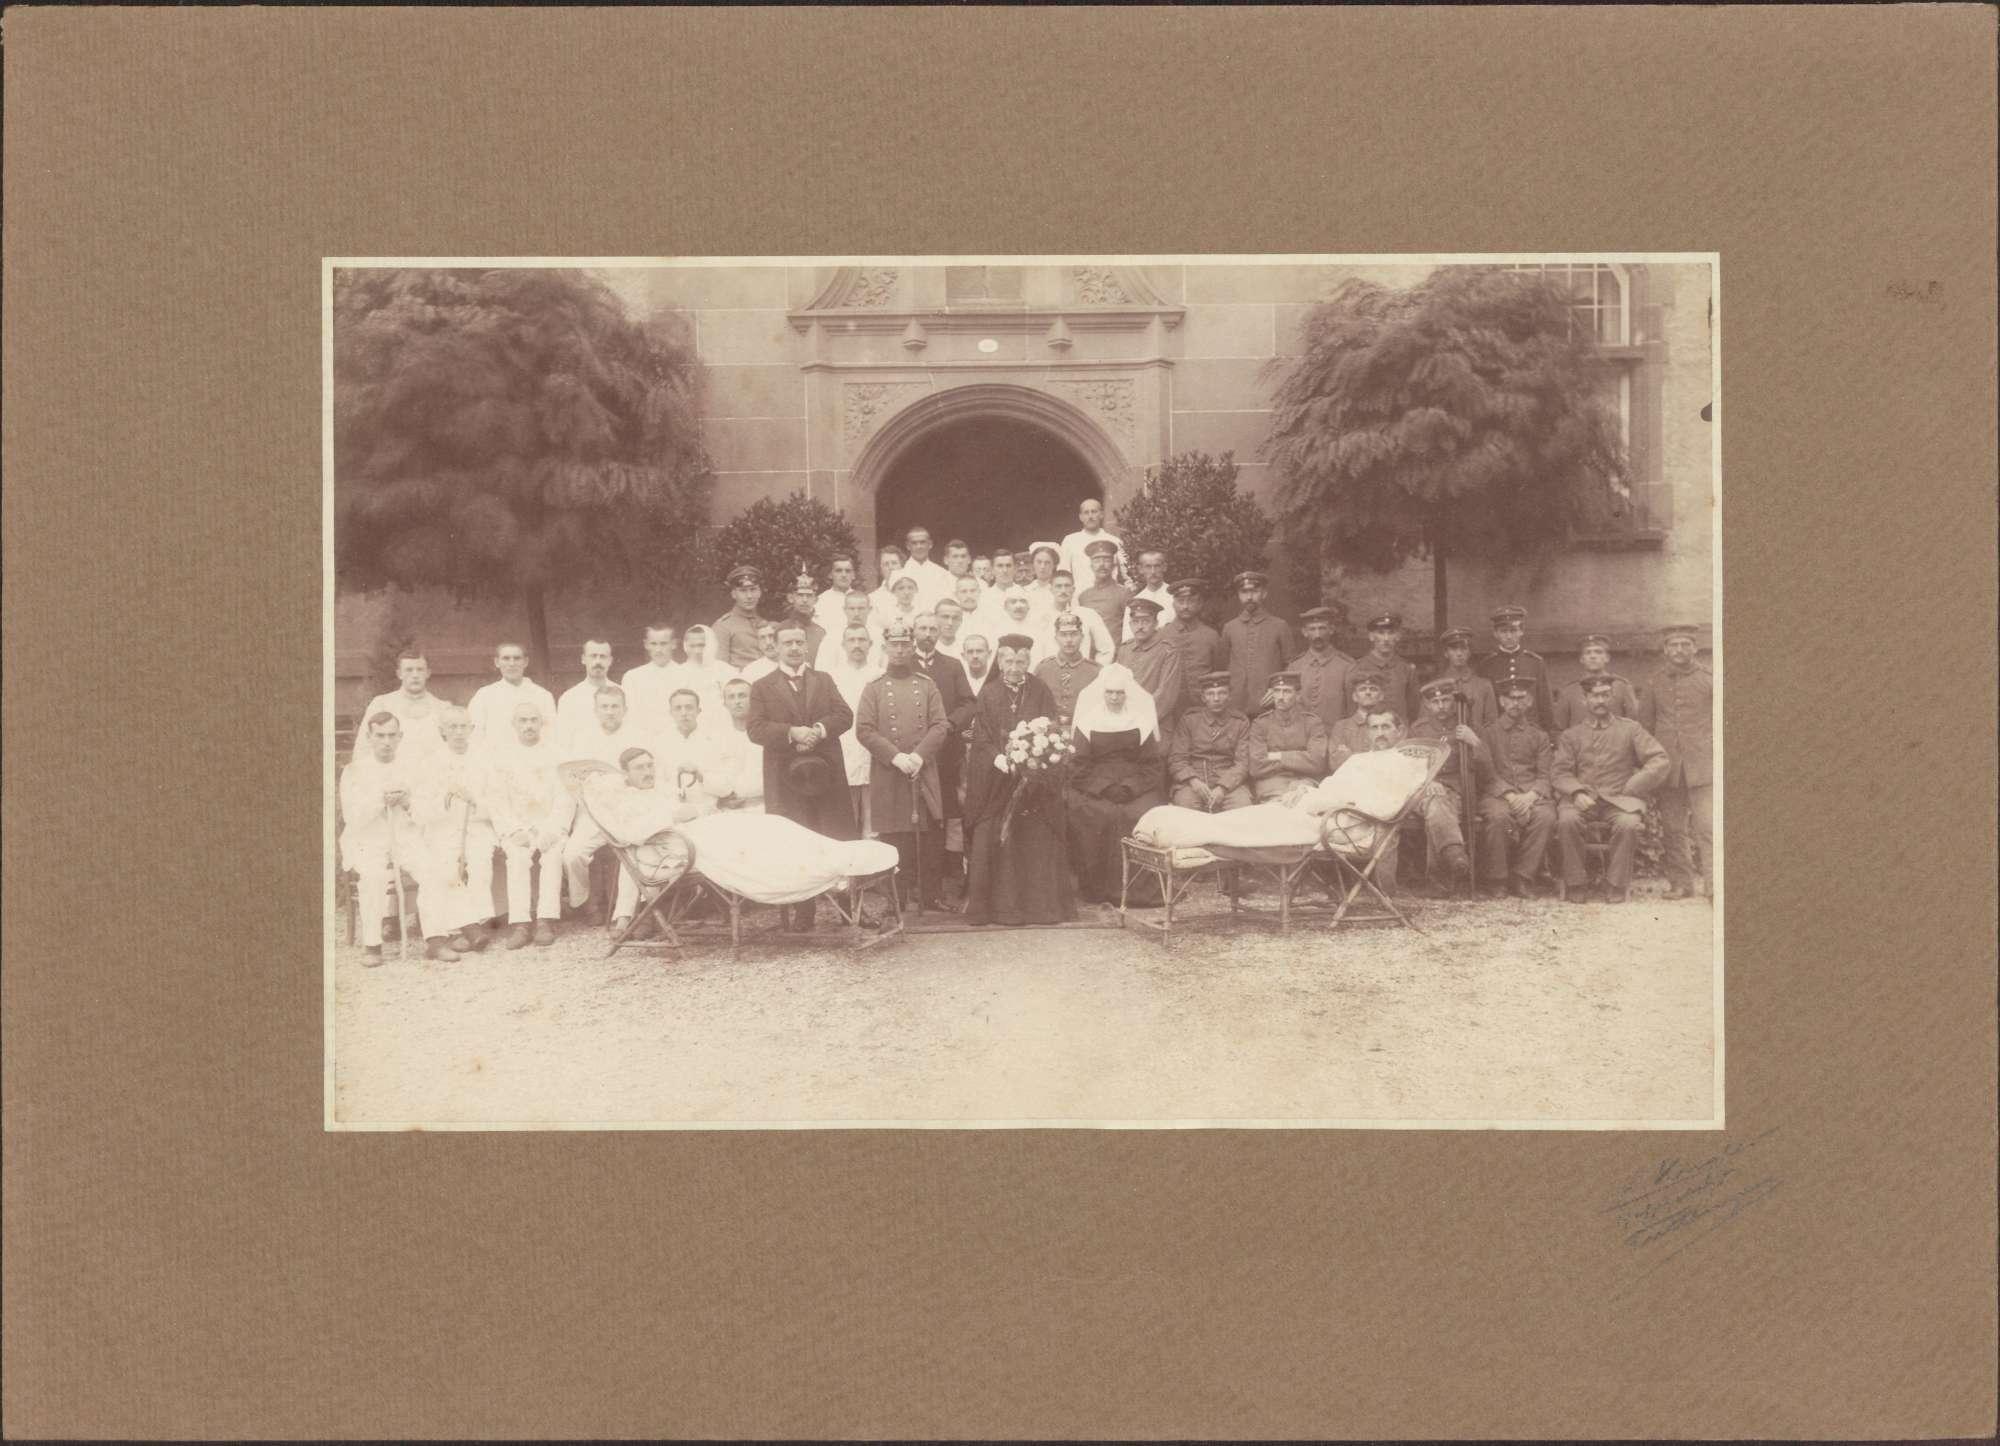 Radolfzell, Vereinslazarett, Großherzogin Luise mit Verwundeten und Pflegepersonal., Bild 1